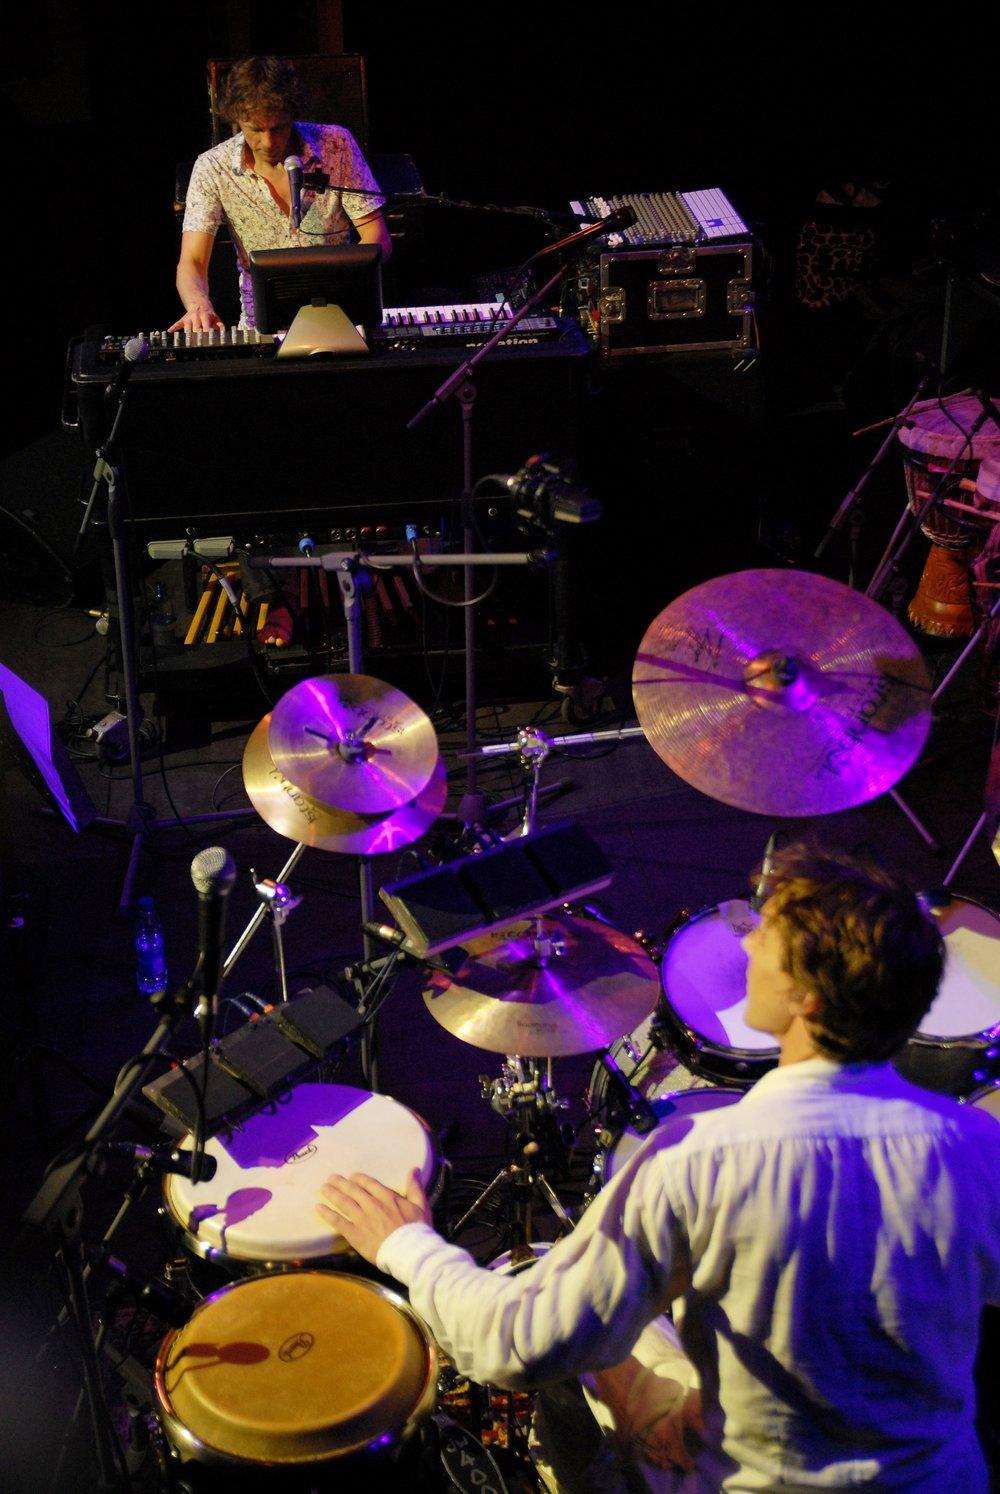 Copy of 'Different drummer' Marnix Stassen, 2005